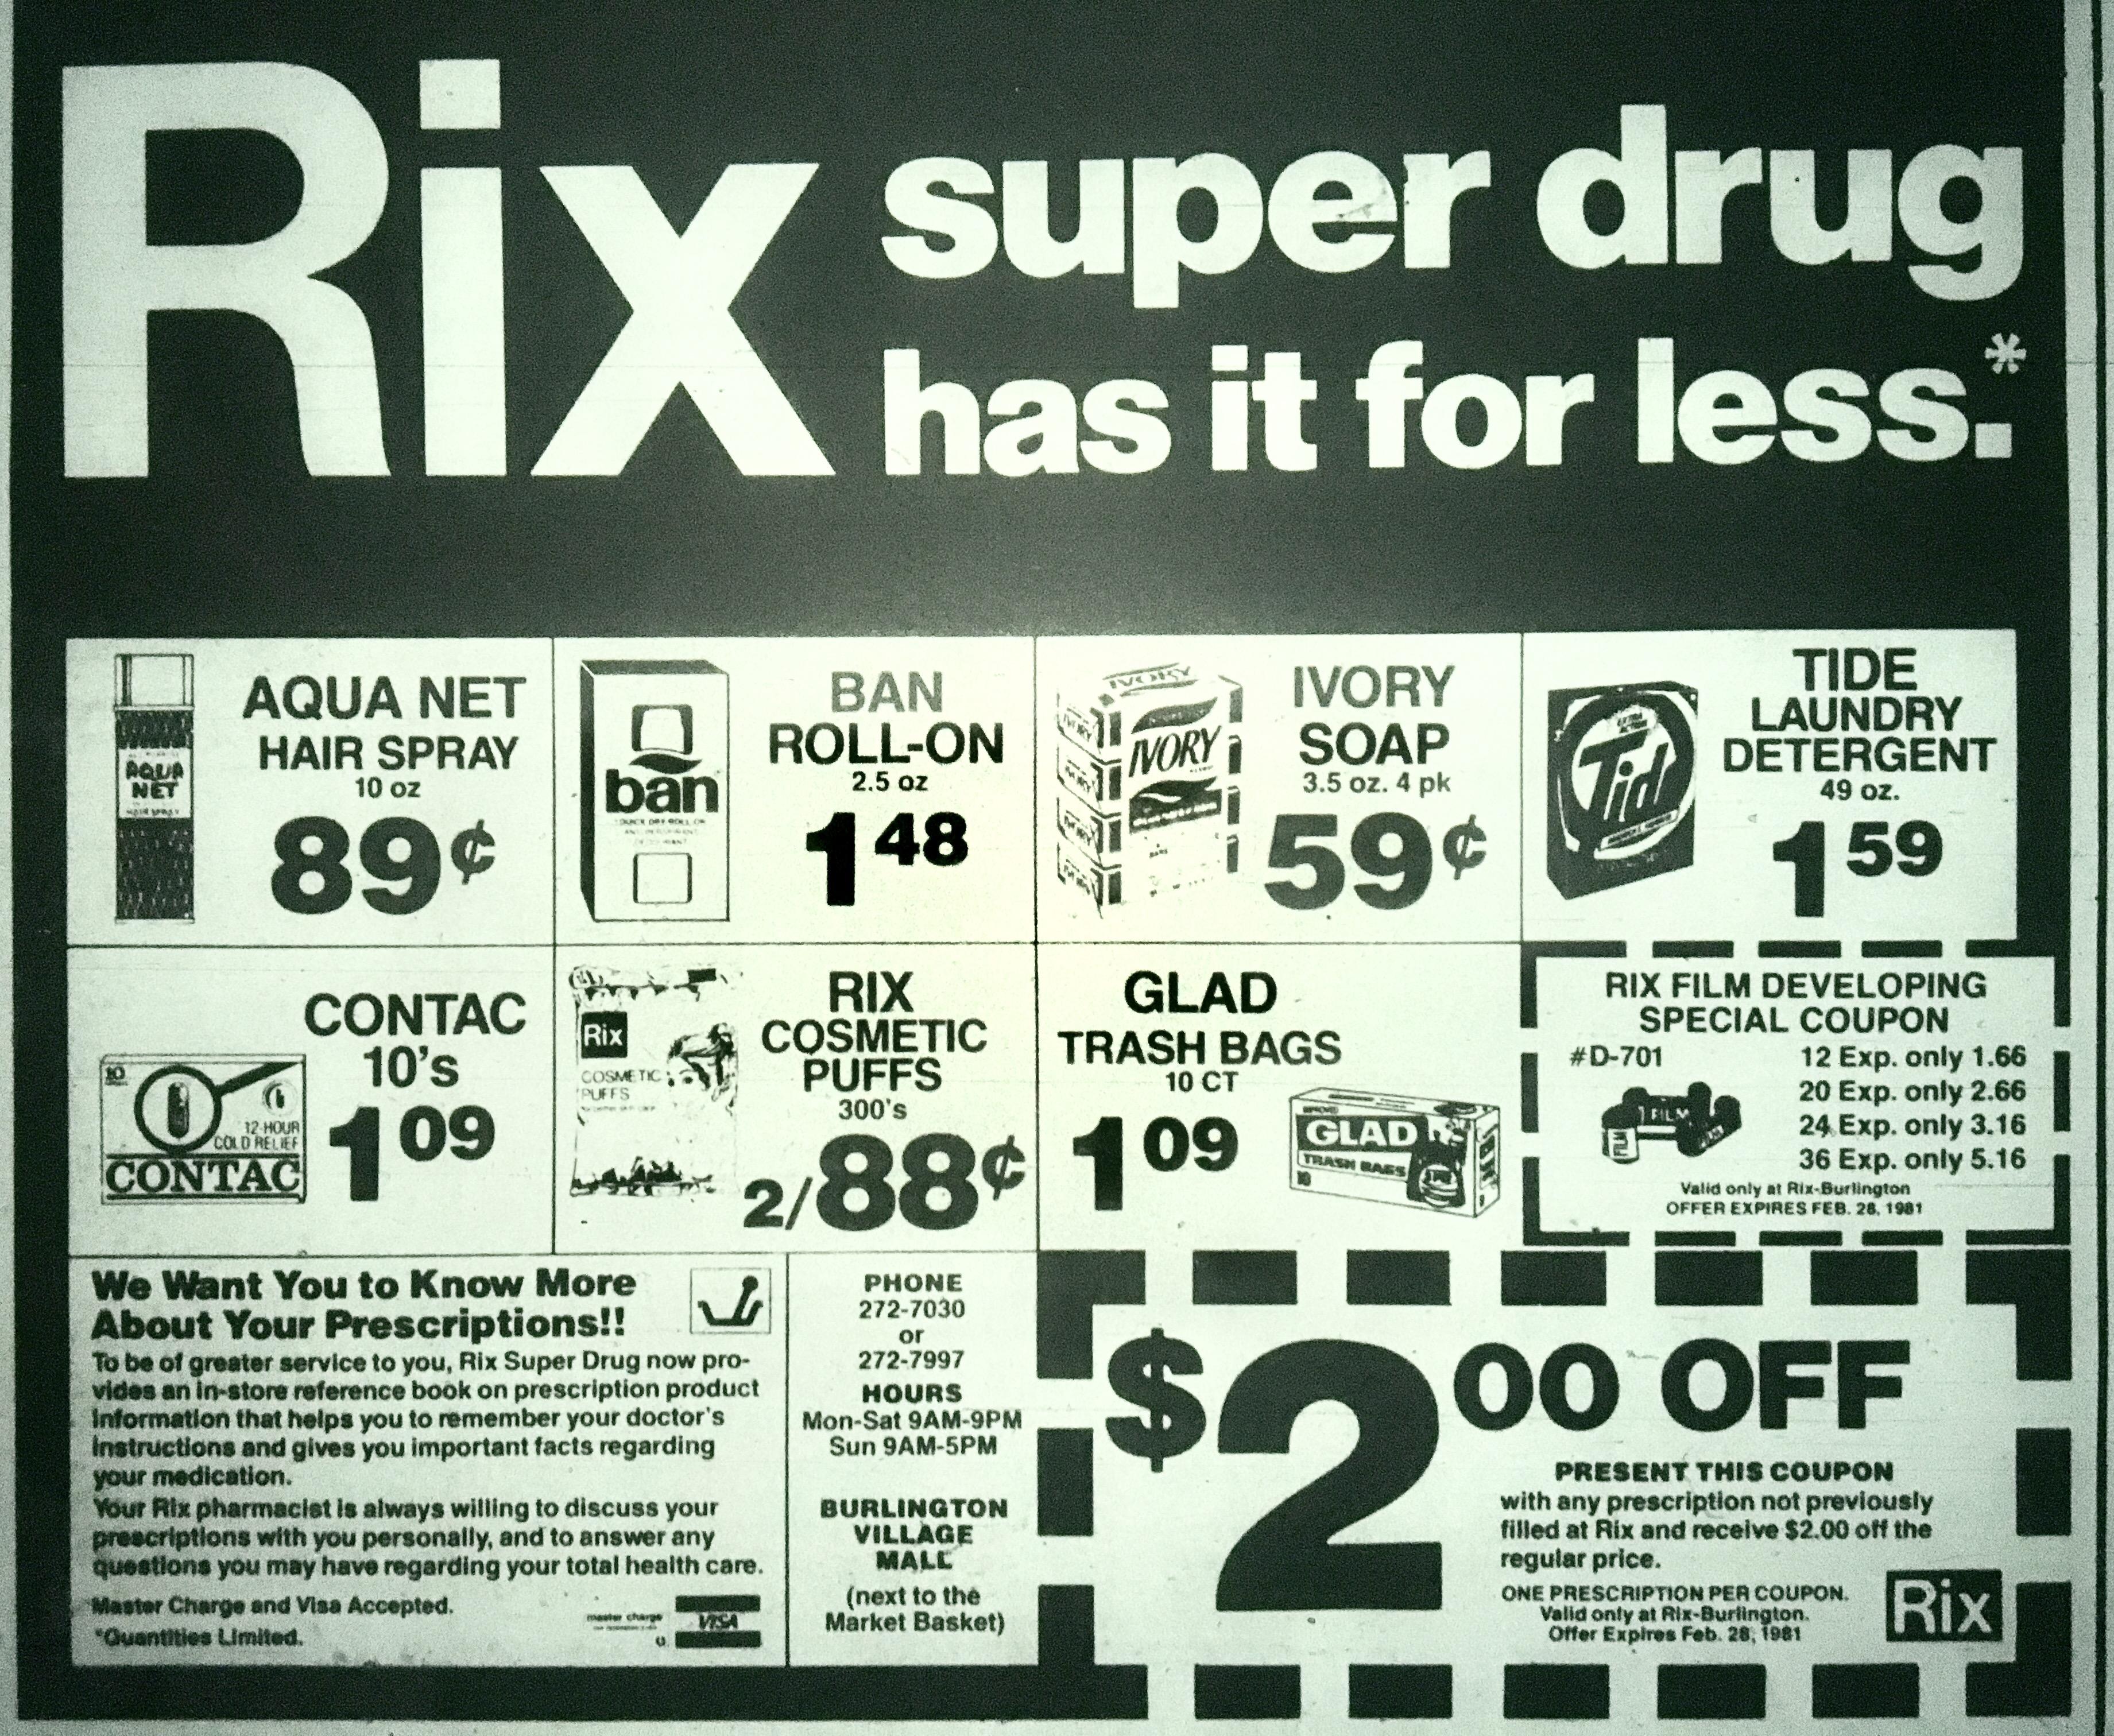 Rix Super Drug, Burlington MA